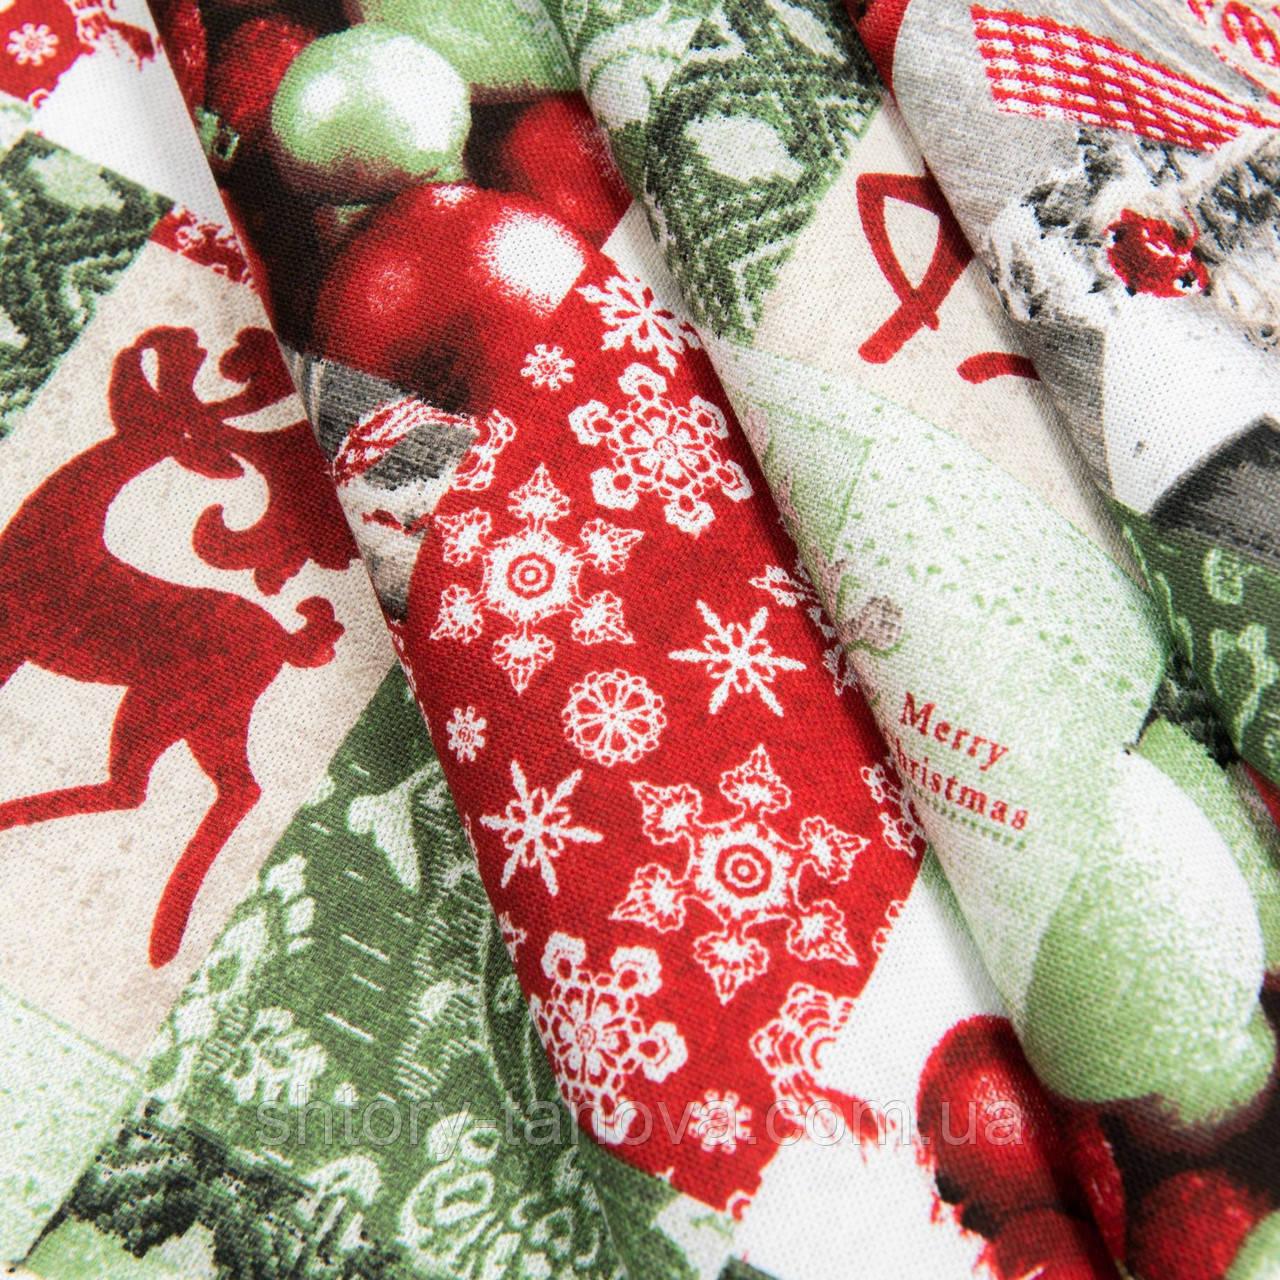 Декоративная ткань, хлопок 75%, полиэстер 25%, с новогодним принтом